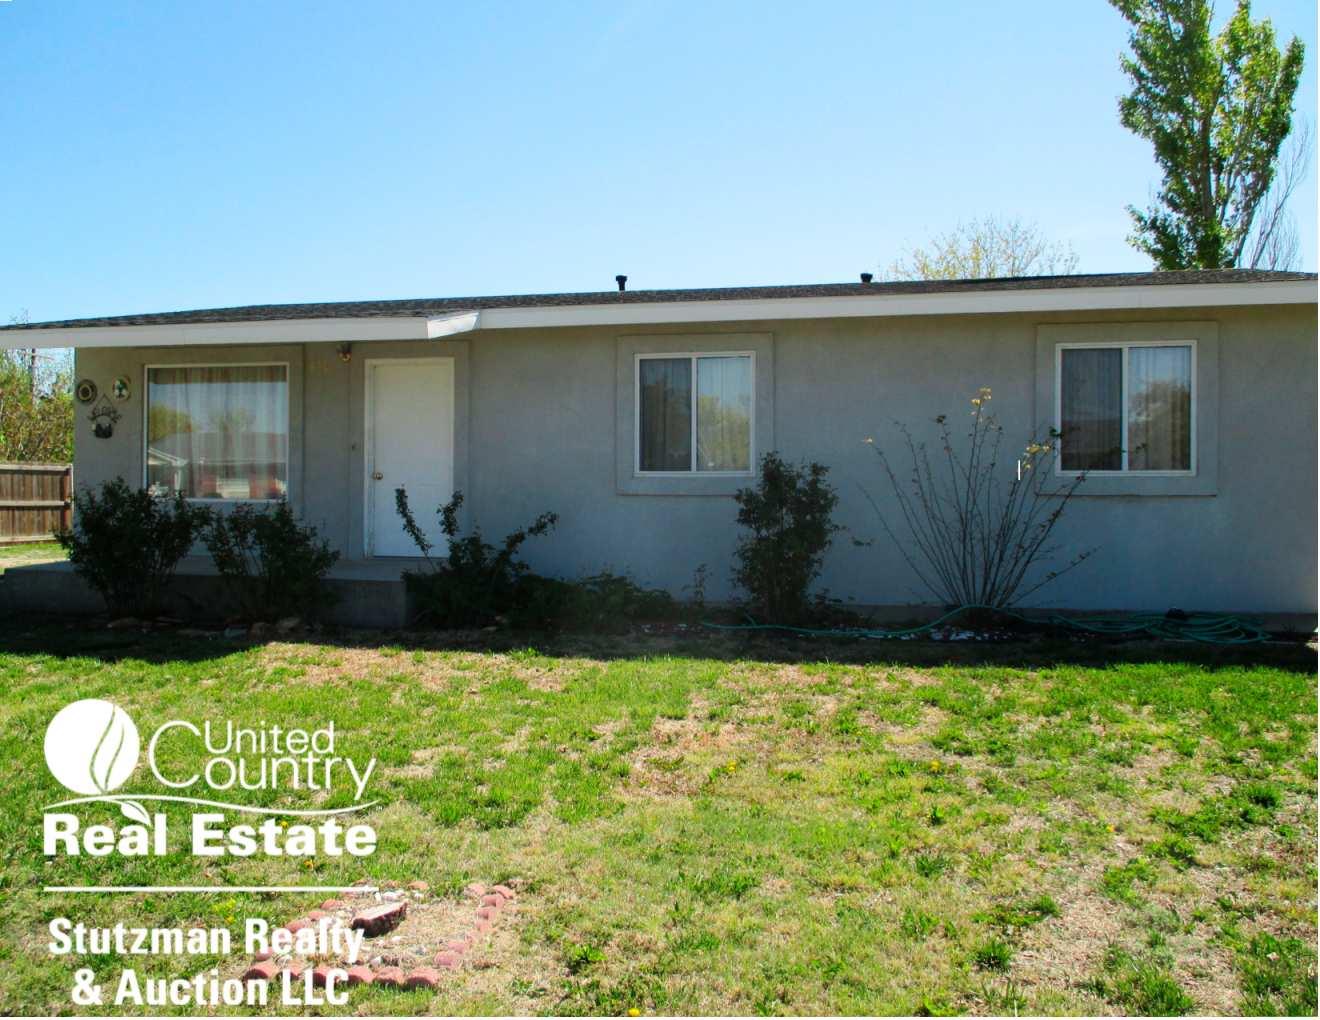 AFFORDABLE HOME FOR SALE IN ULYSSES, KS